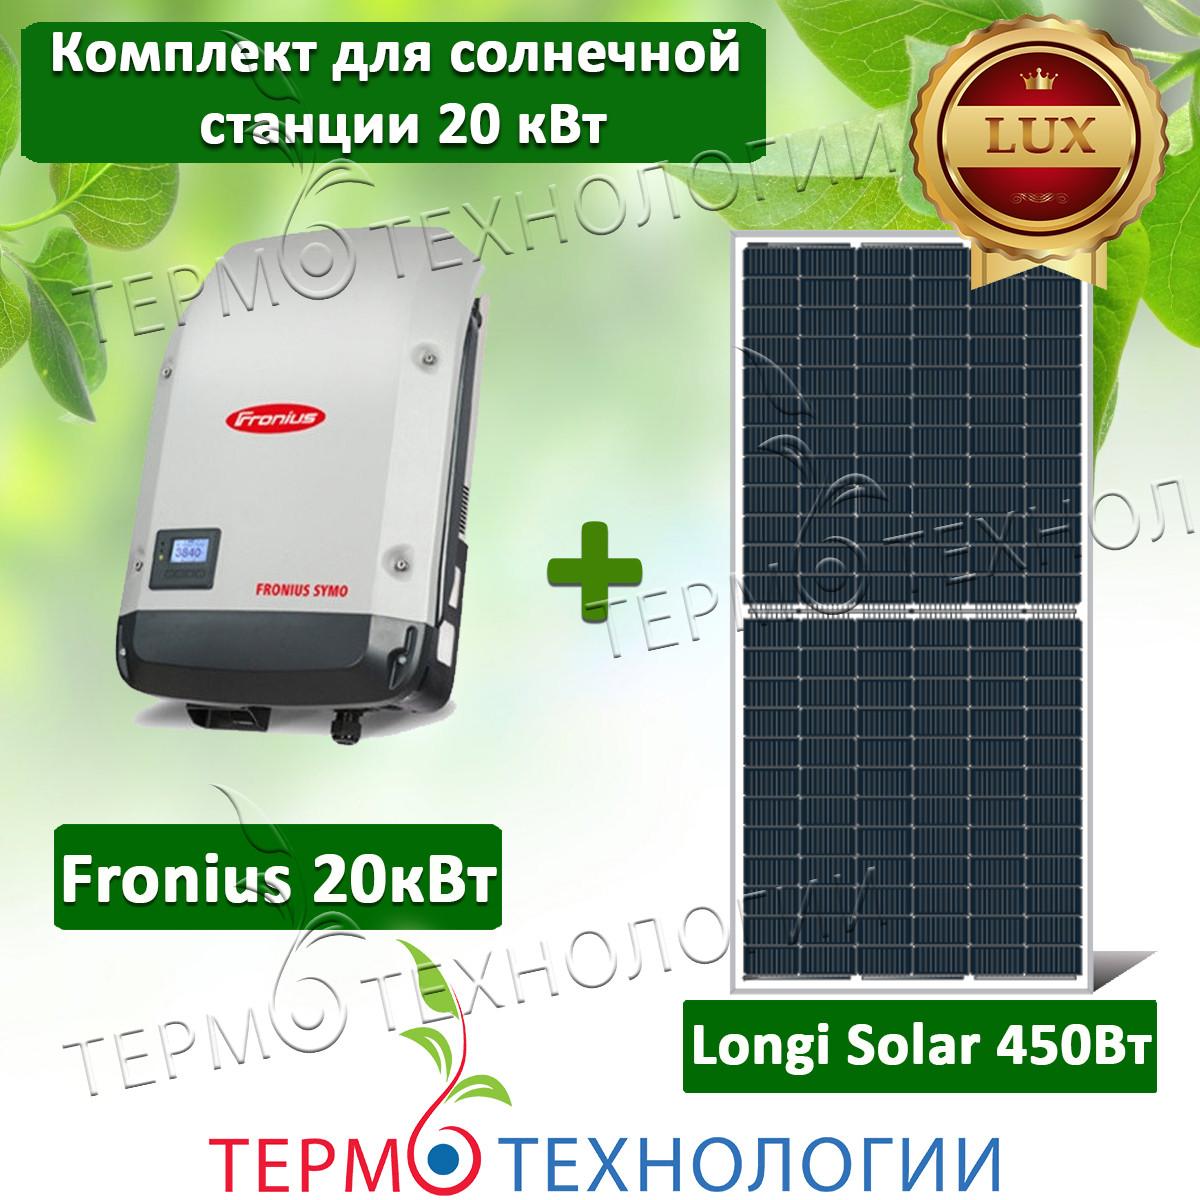 Комплект для сетевой солнечной станции 20 кВт Fronius 20 кВт и LongiSolar 450 Вт